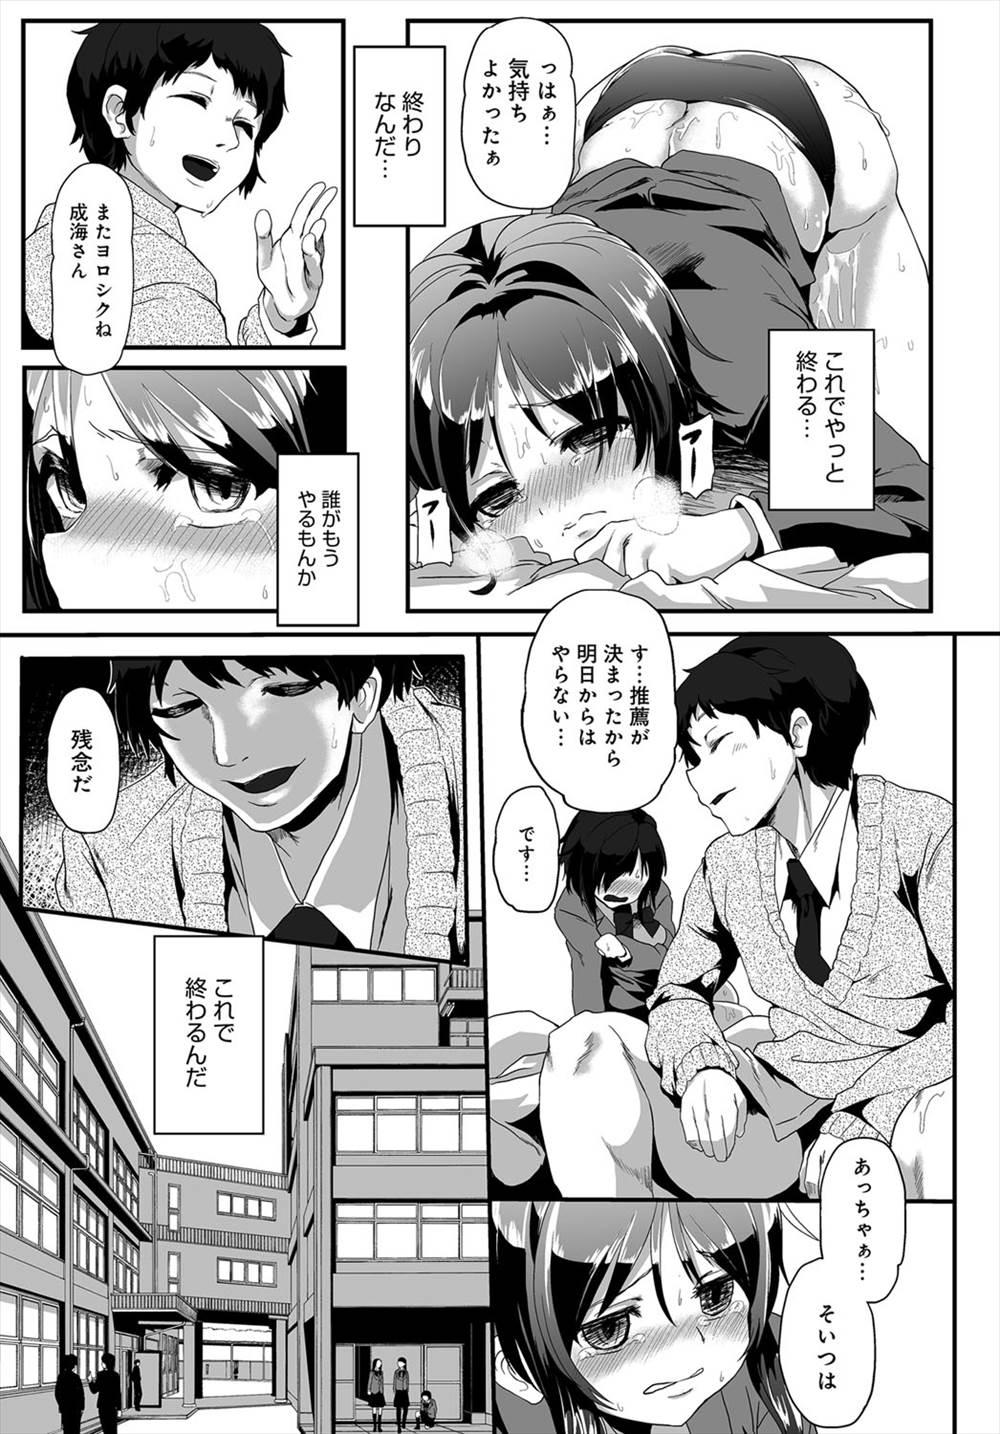 【エロ漫画】学費のために援交するJK…お金のためとハードプレイに耐え続けた結果…【shift:ドリブレ】